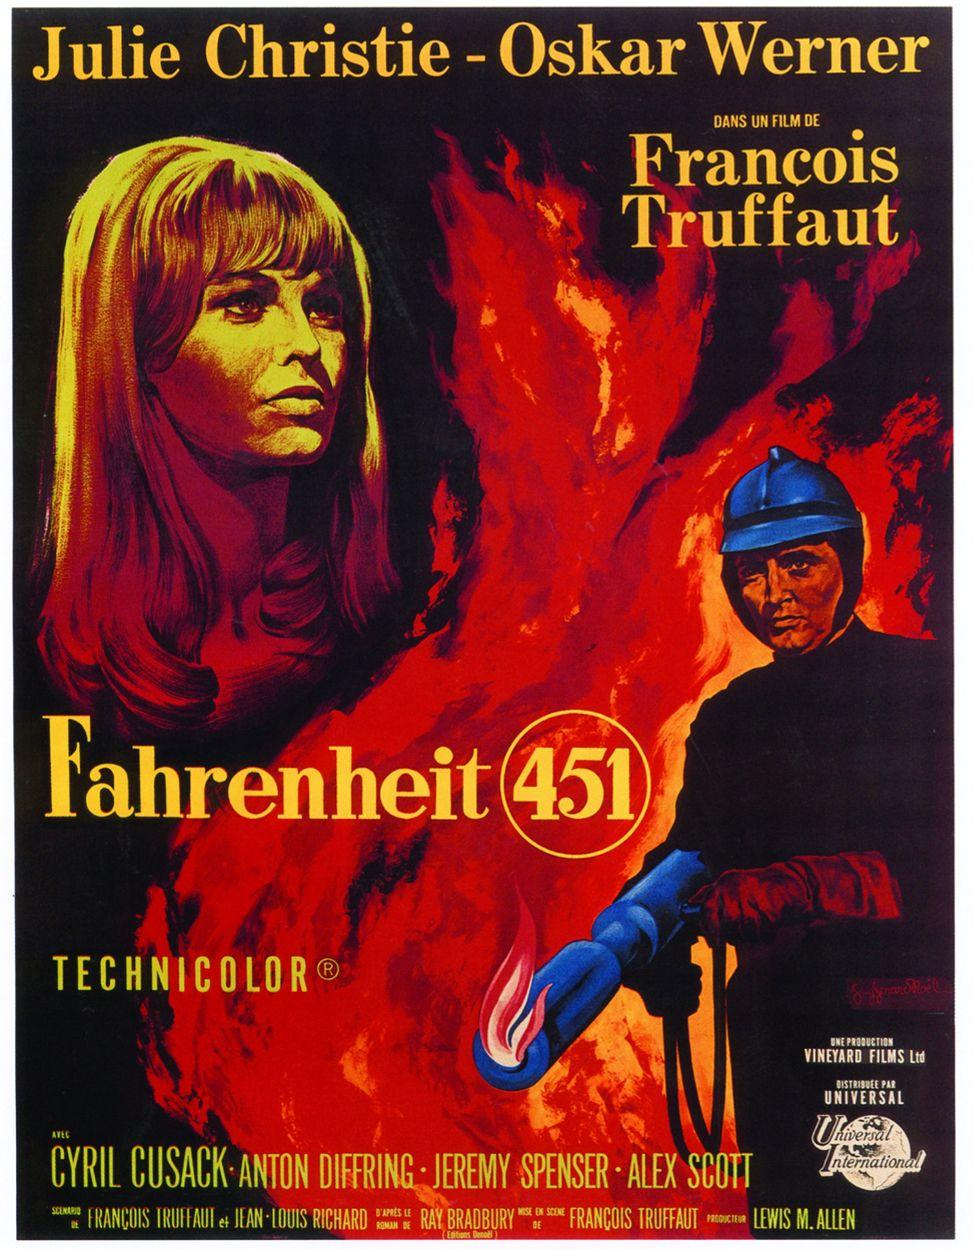 Fahrenheit 451, movie poster - Julie Christie - 1966.